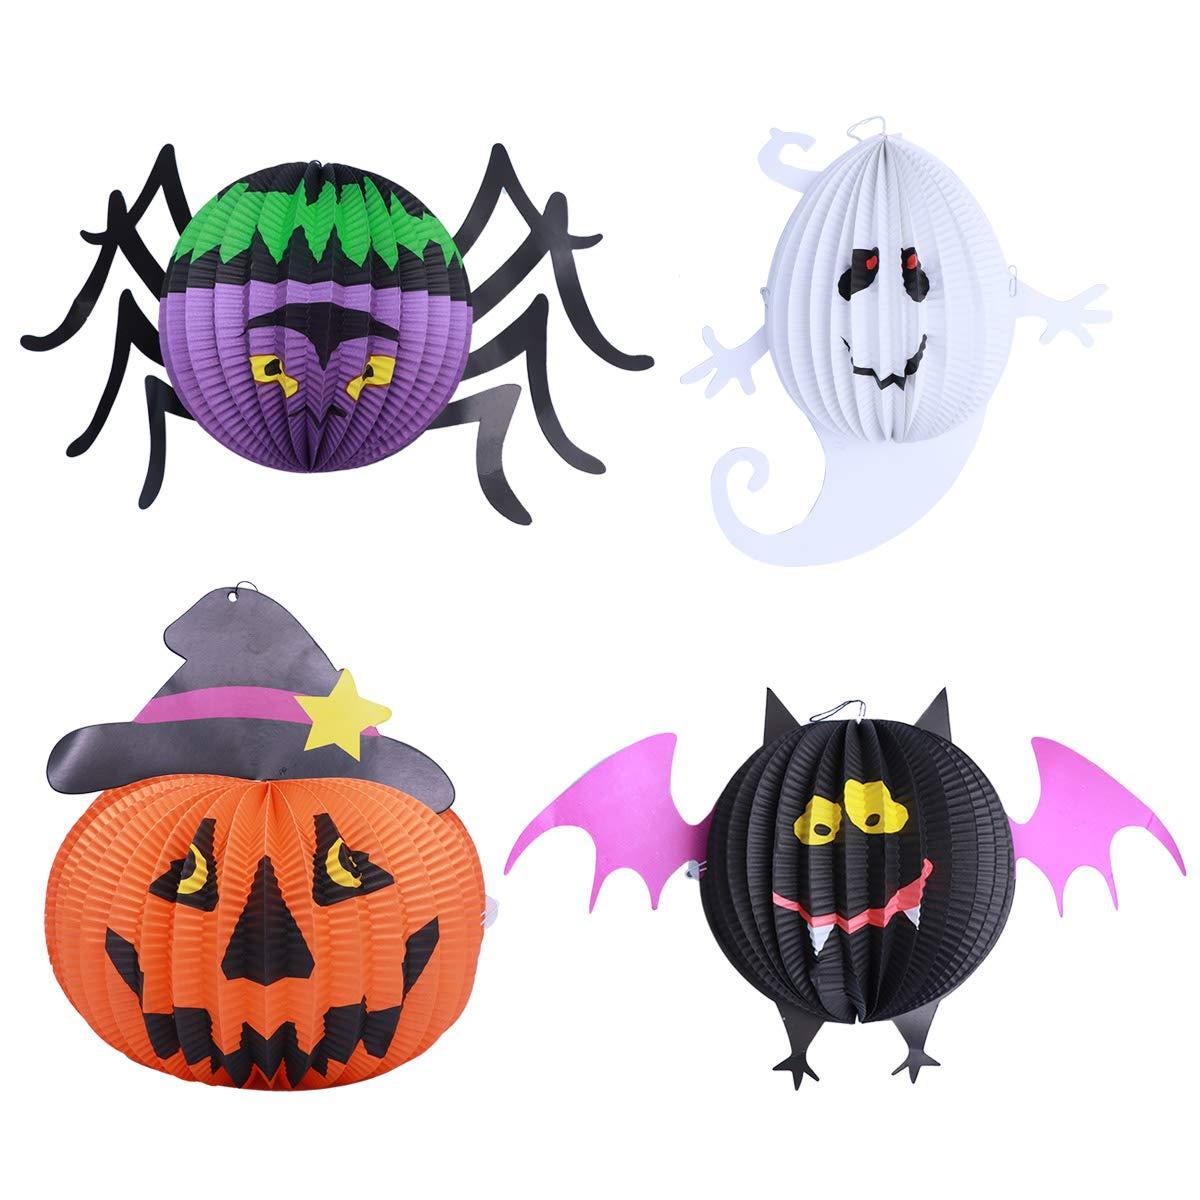 Frcolor fête d'Halloween lanternes de papier lanterne ronde LED citrouille araignée chauve-souris Forme de fantôme tentures 4pcs